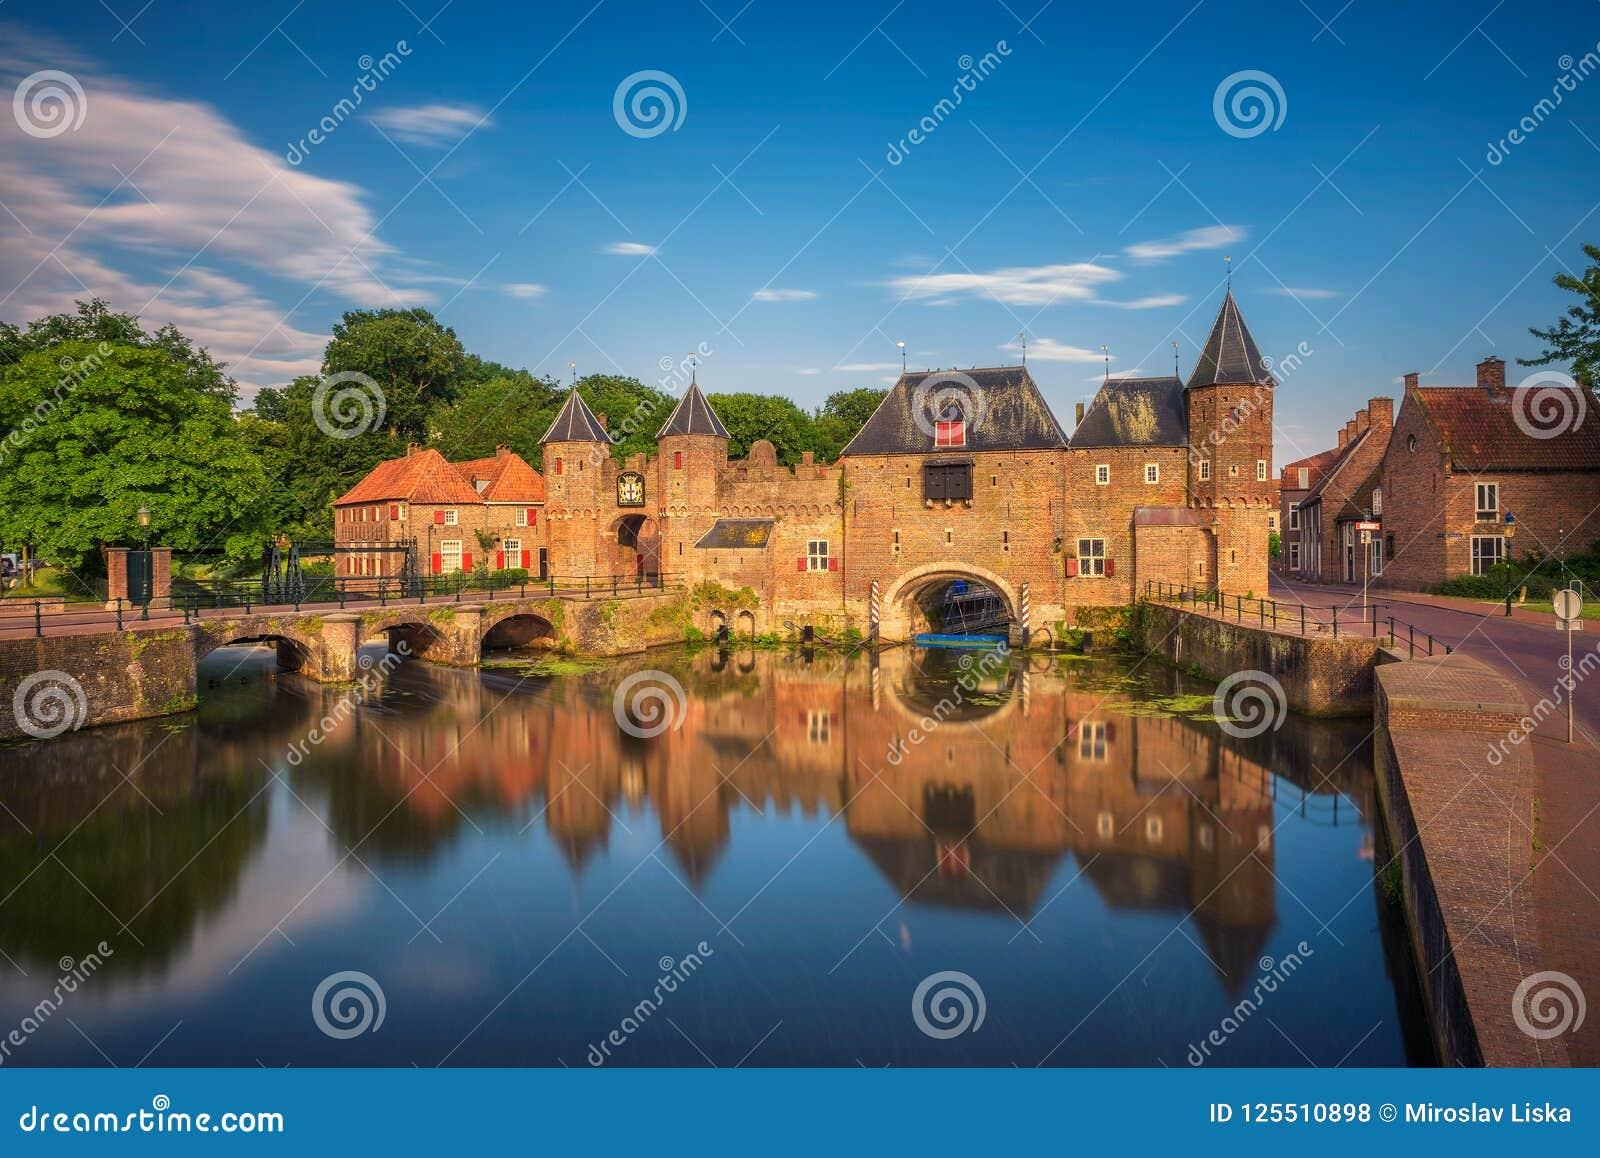 中世纪镇门在阿莫斯福特,荷兰